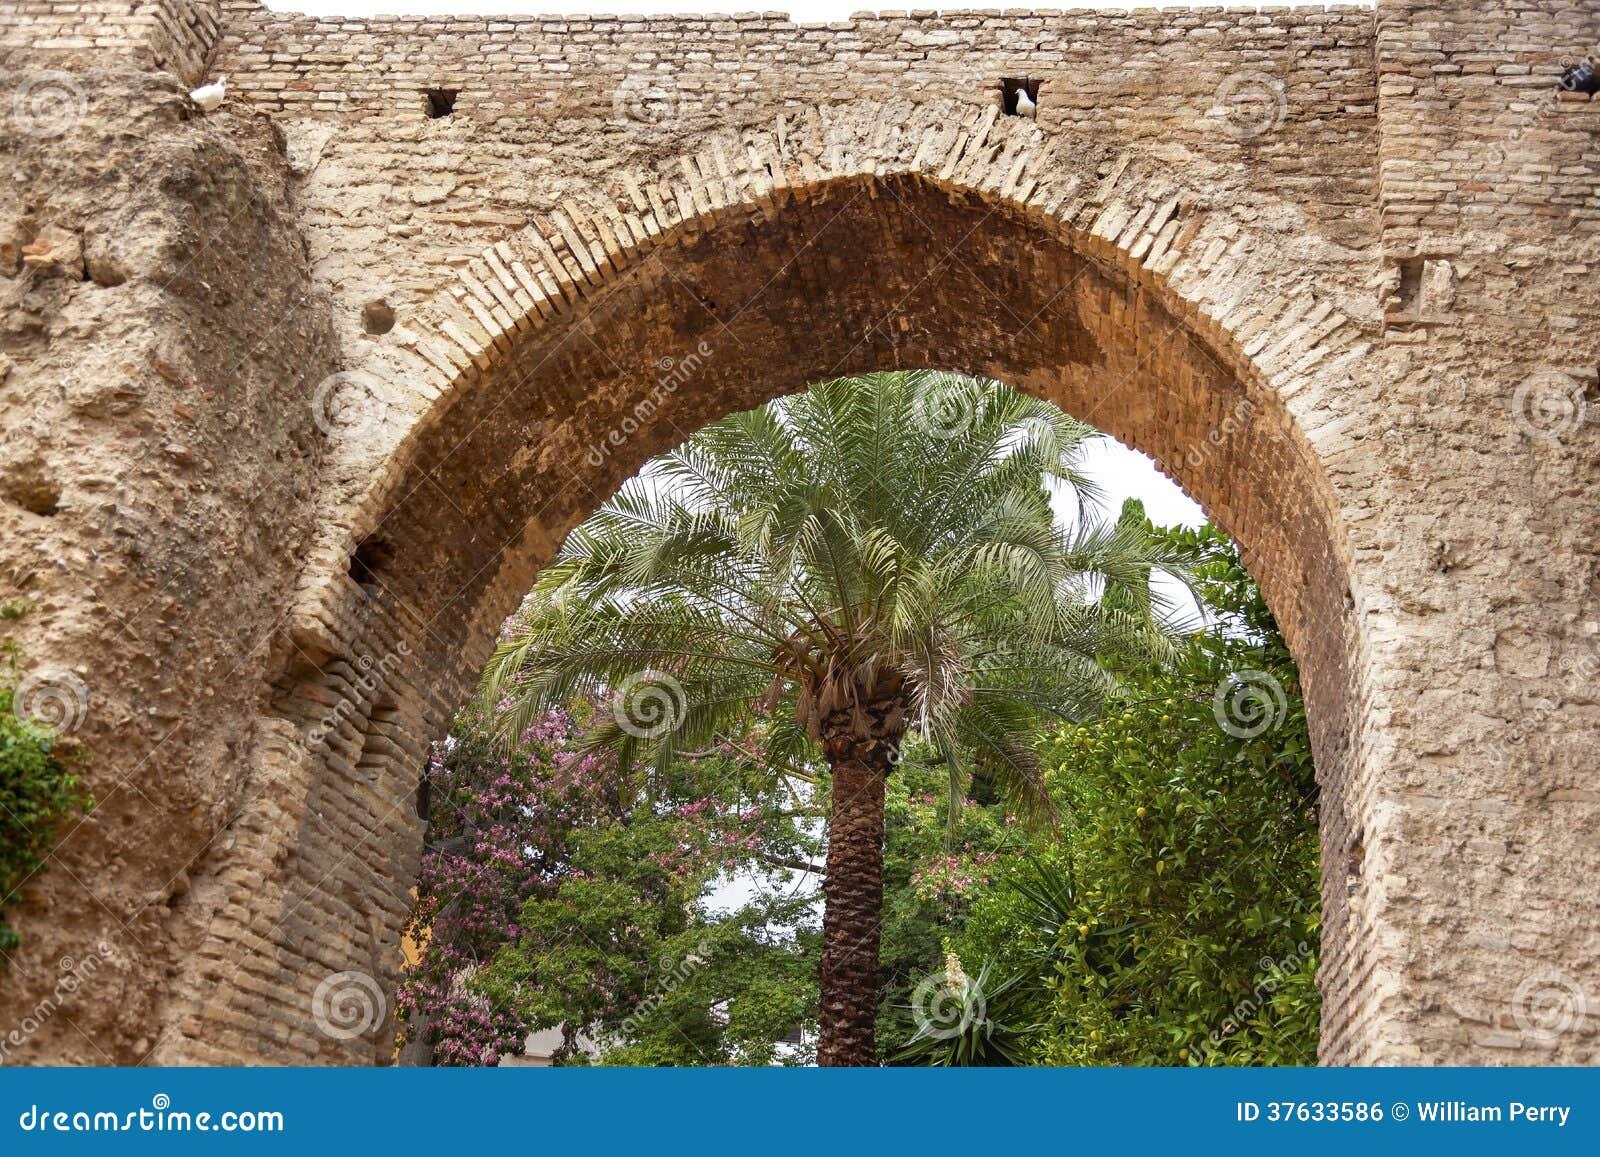 Alcazar de piedra royal palace sevilla espa a del jard n for Arco decorativo jardin